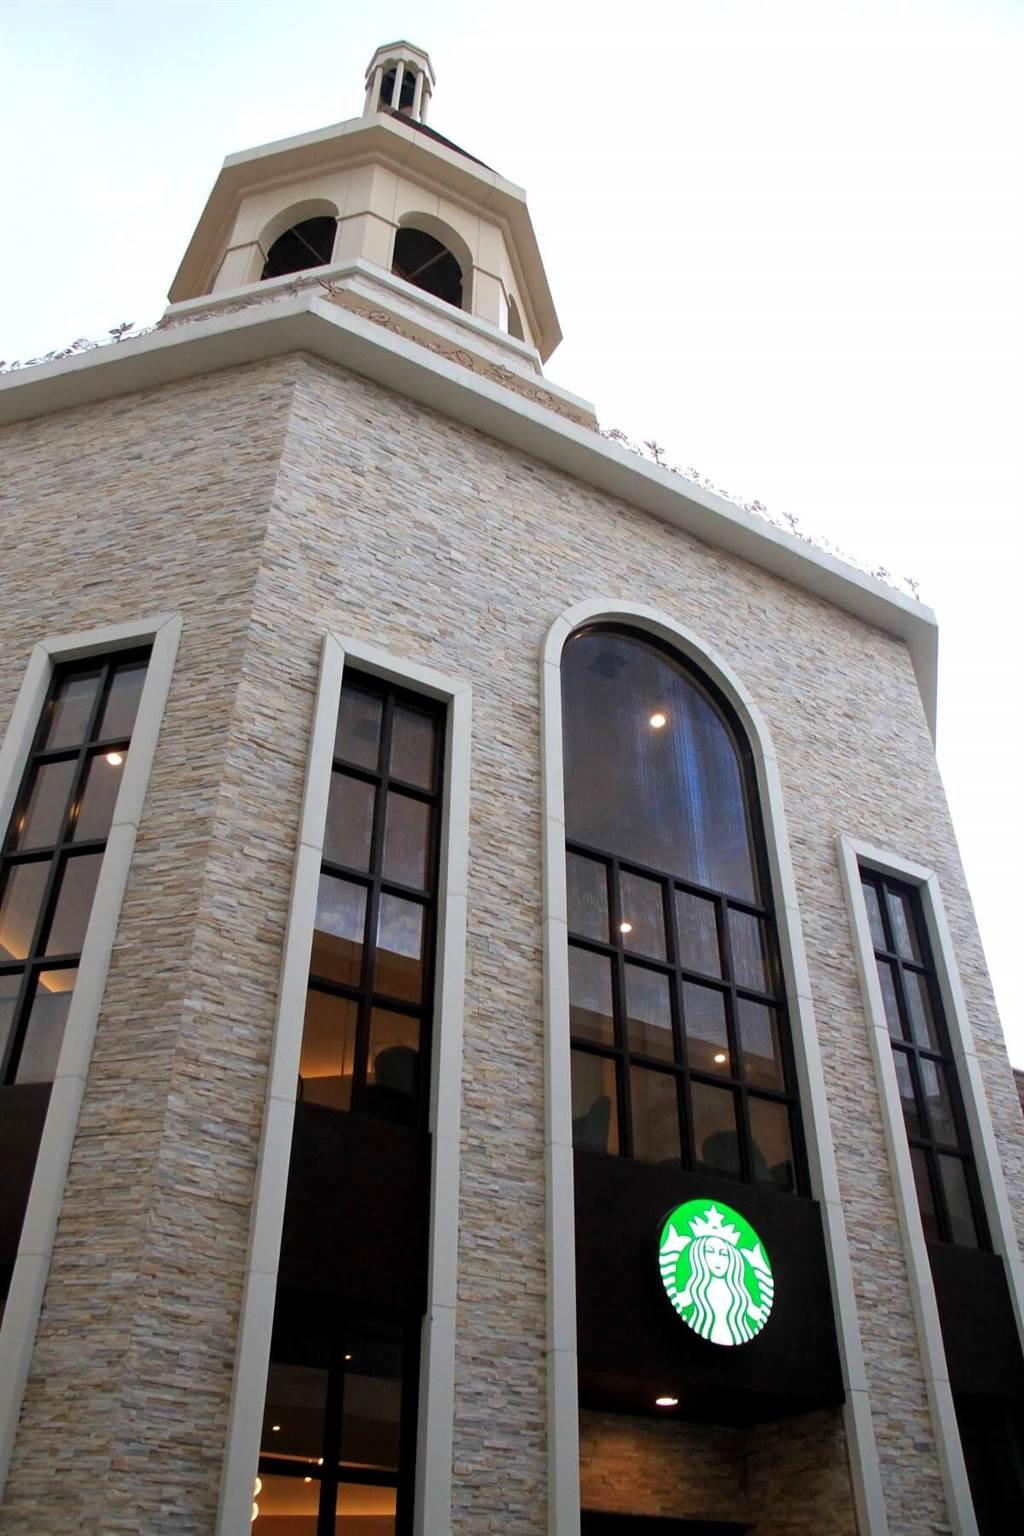 新開幕的Outlet二期有全球唯一由星巴克總公司授權興建的八角形鐘樓,每個整點都會敲鐘一次,而內部共有兩層樓,而工作臺位在中央被所有座位包圍著,所以任一座位都能聞到相同曾度的咖啡香。